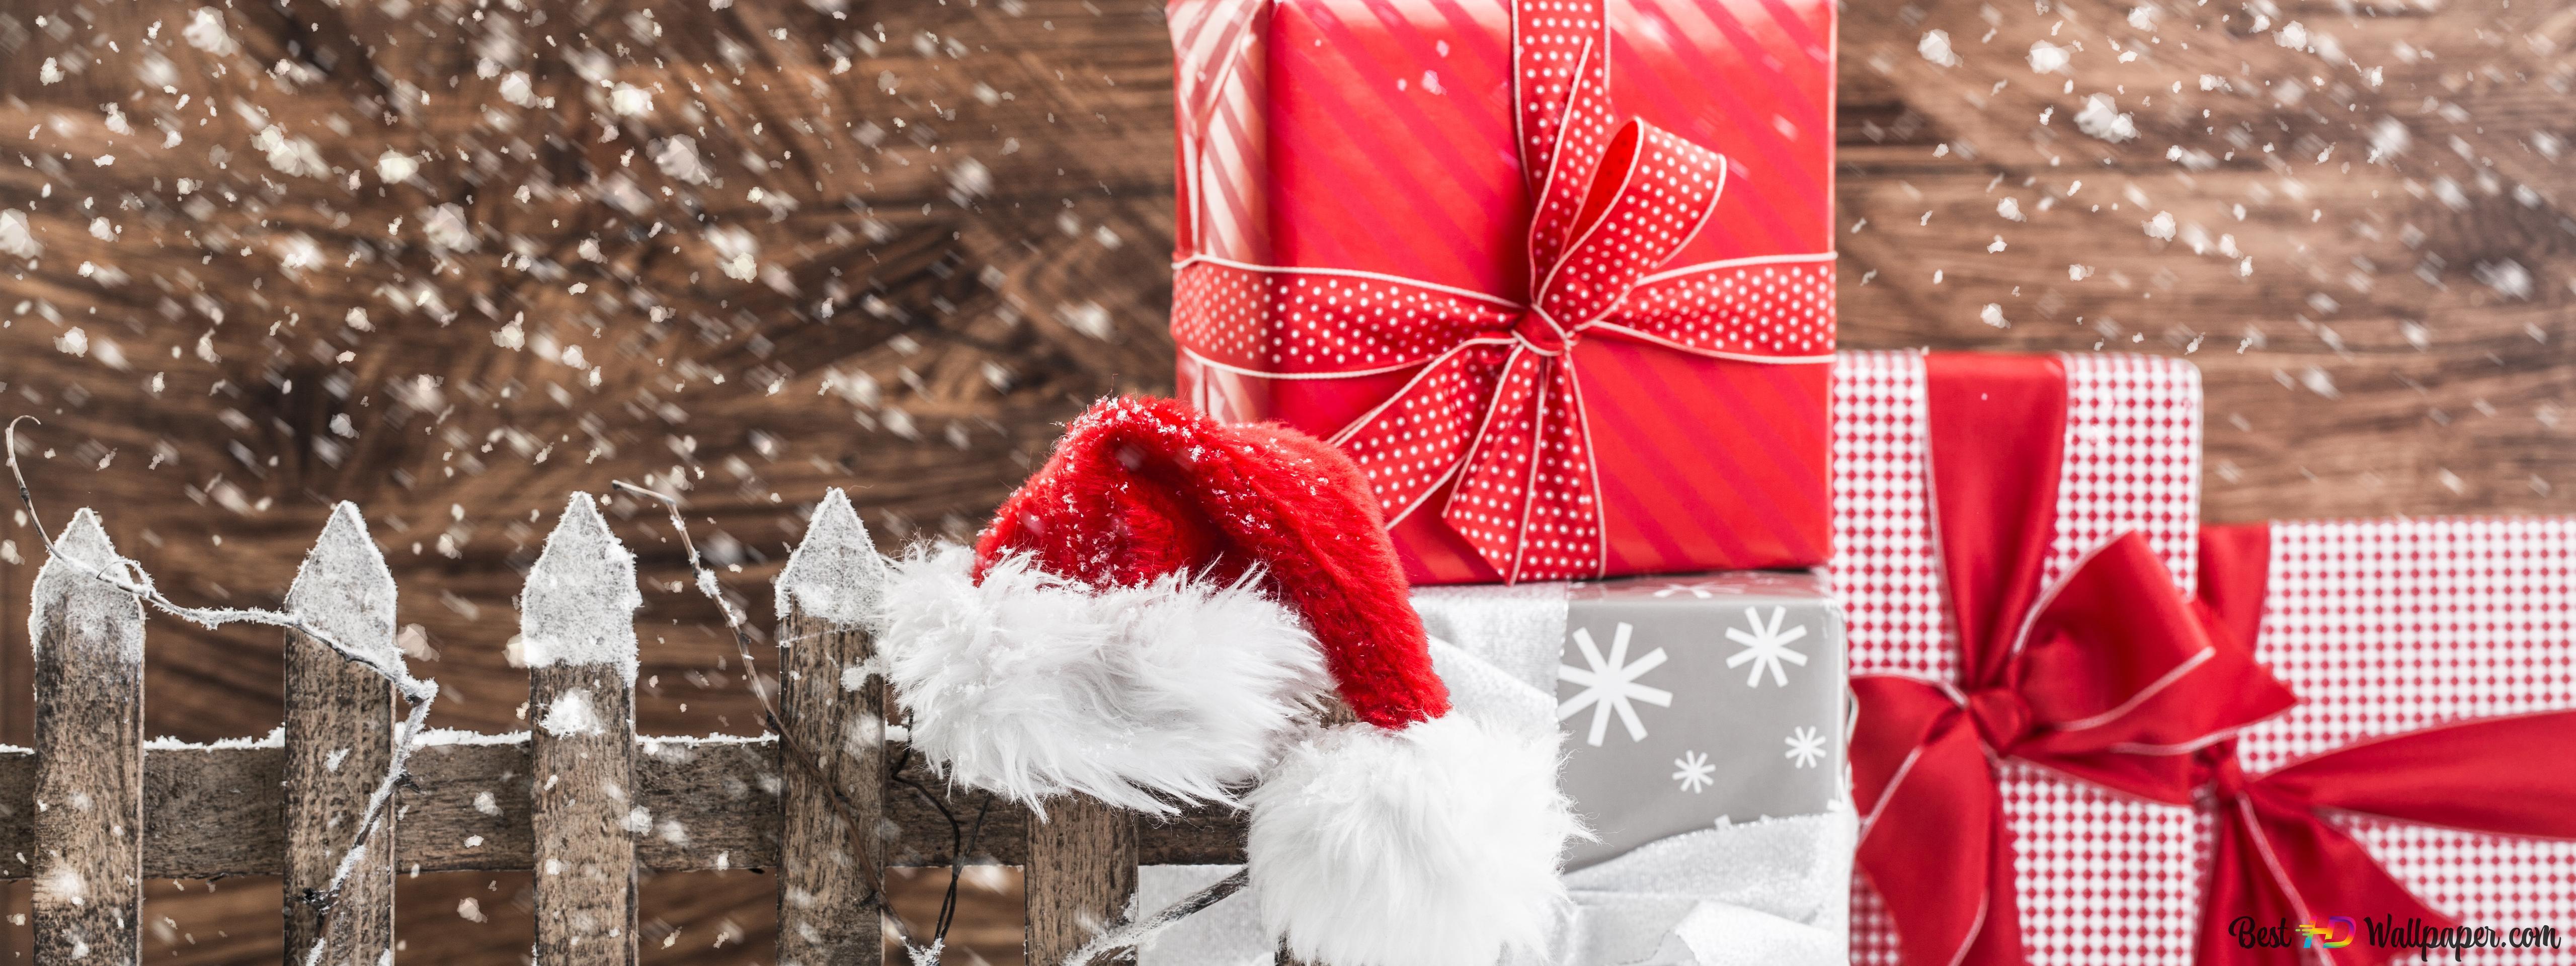 Sankt-Geschenk HD Hintergrundbilder herunterladen